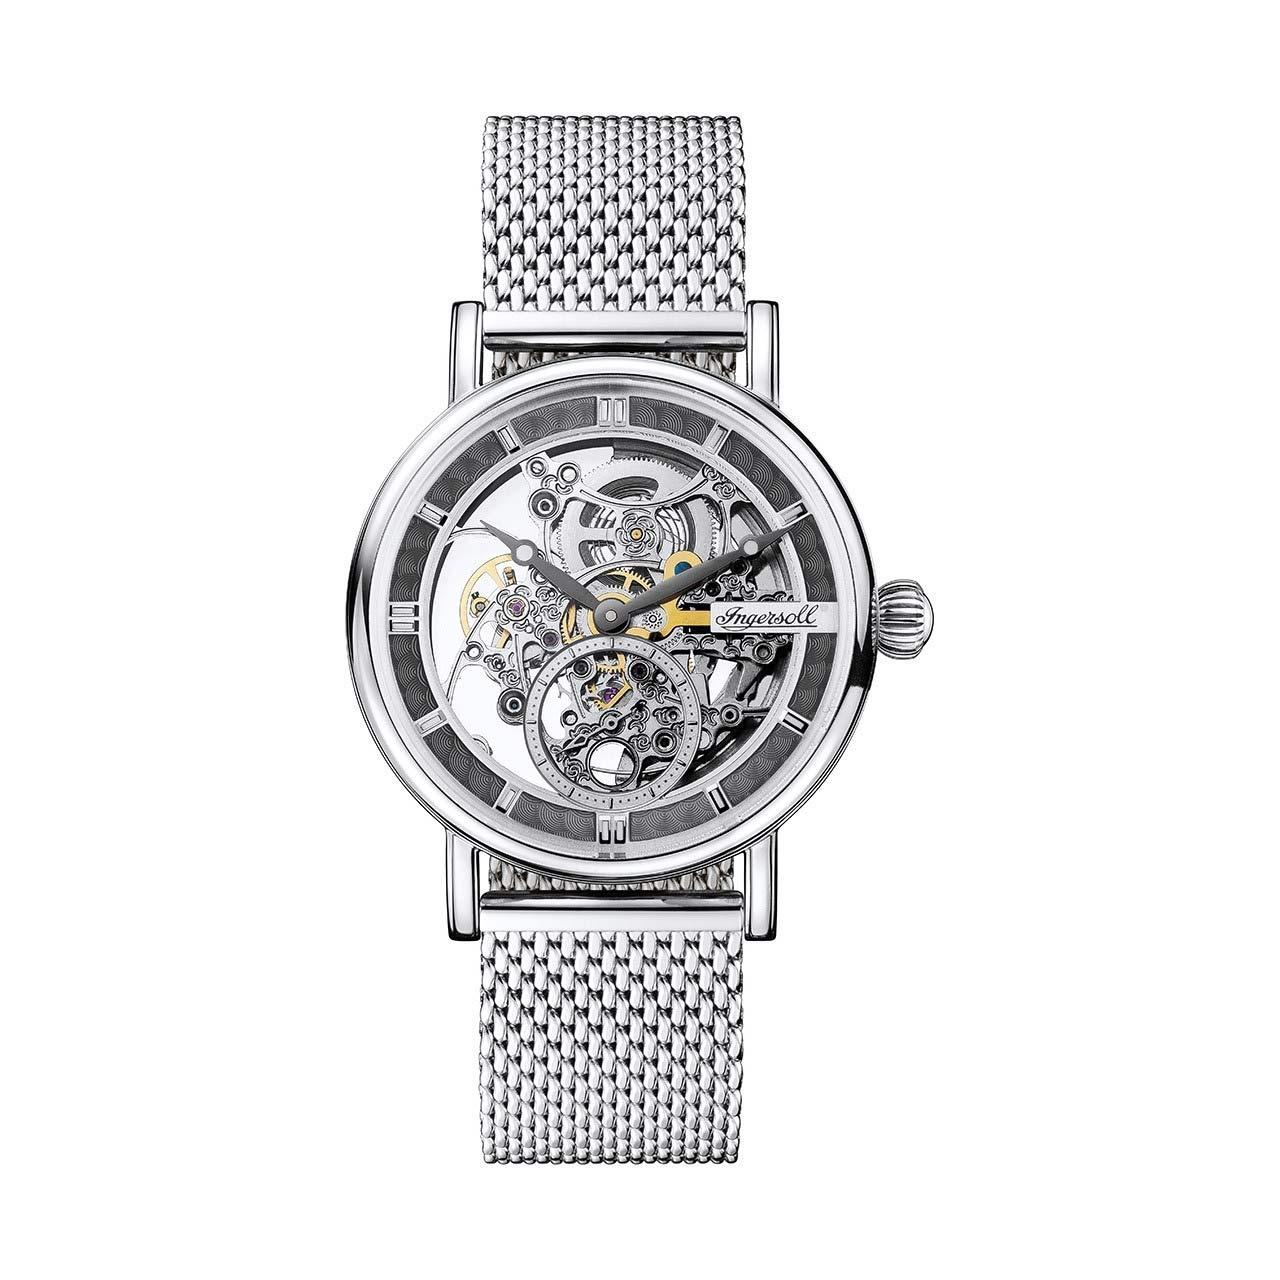 ساعت مچی عقربه ای مردانه اینگرسل مدل I00405 37